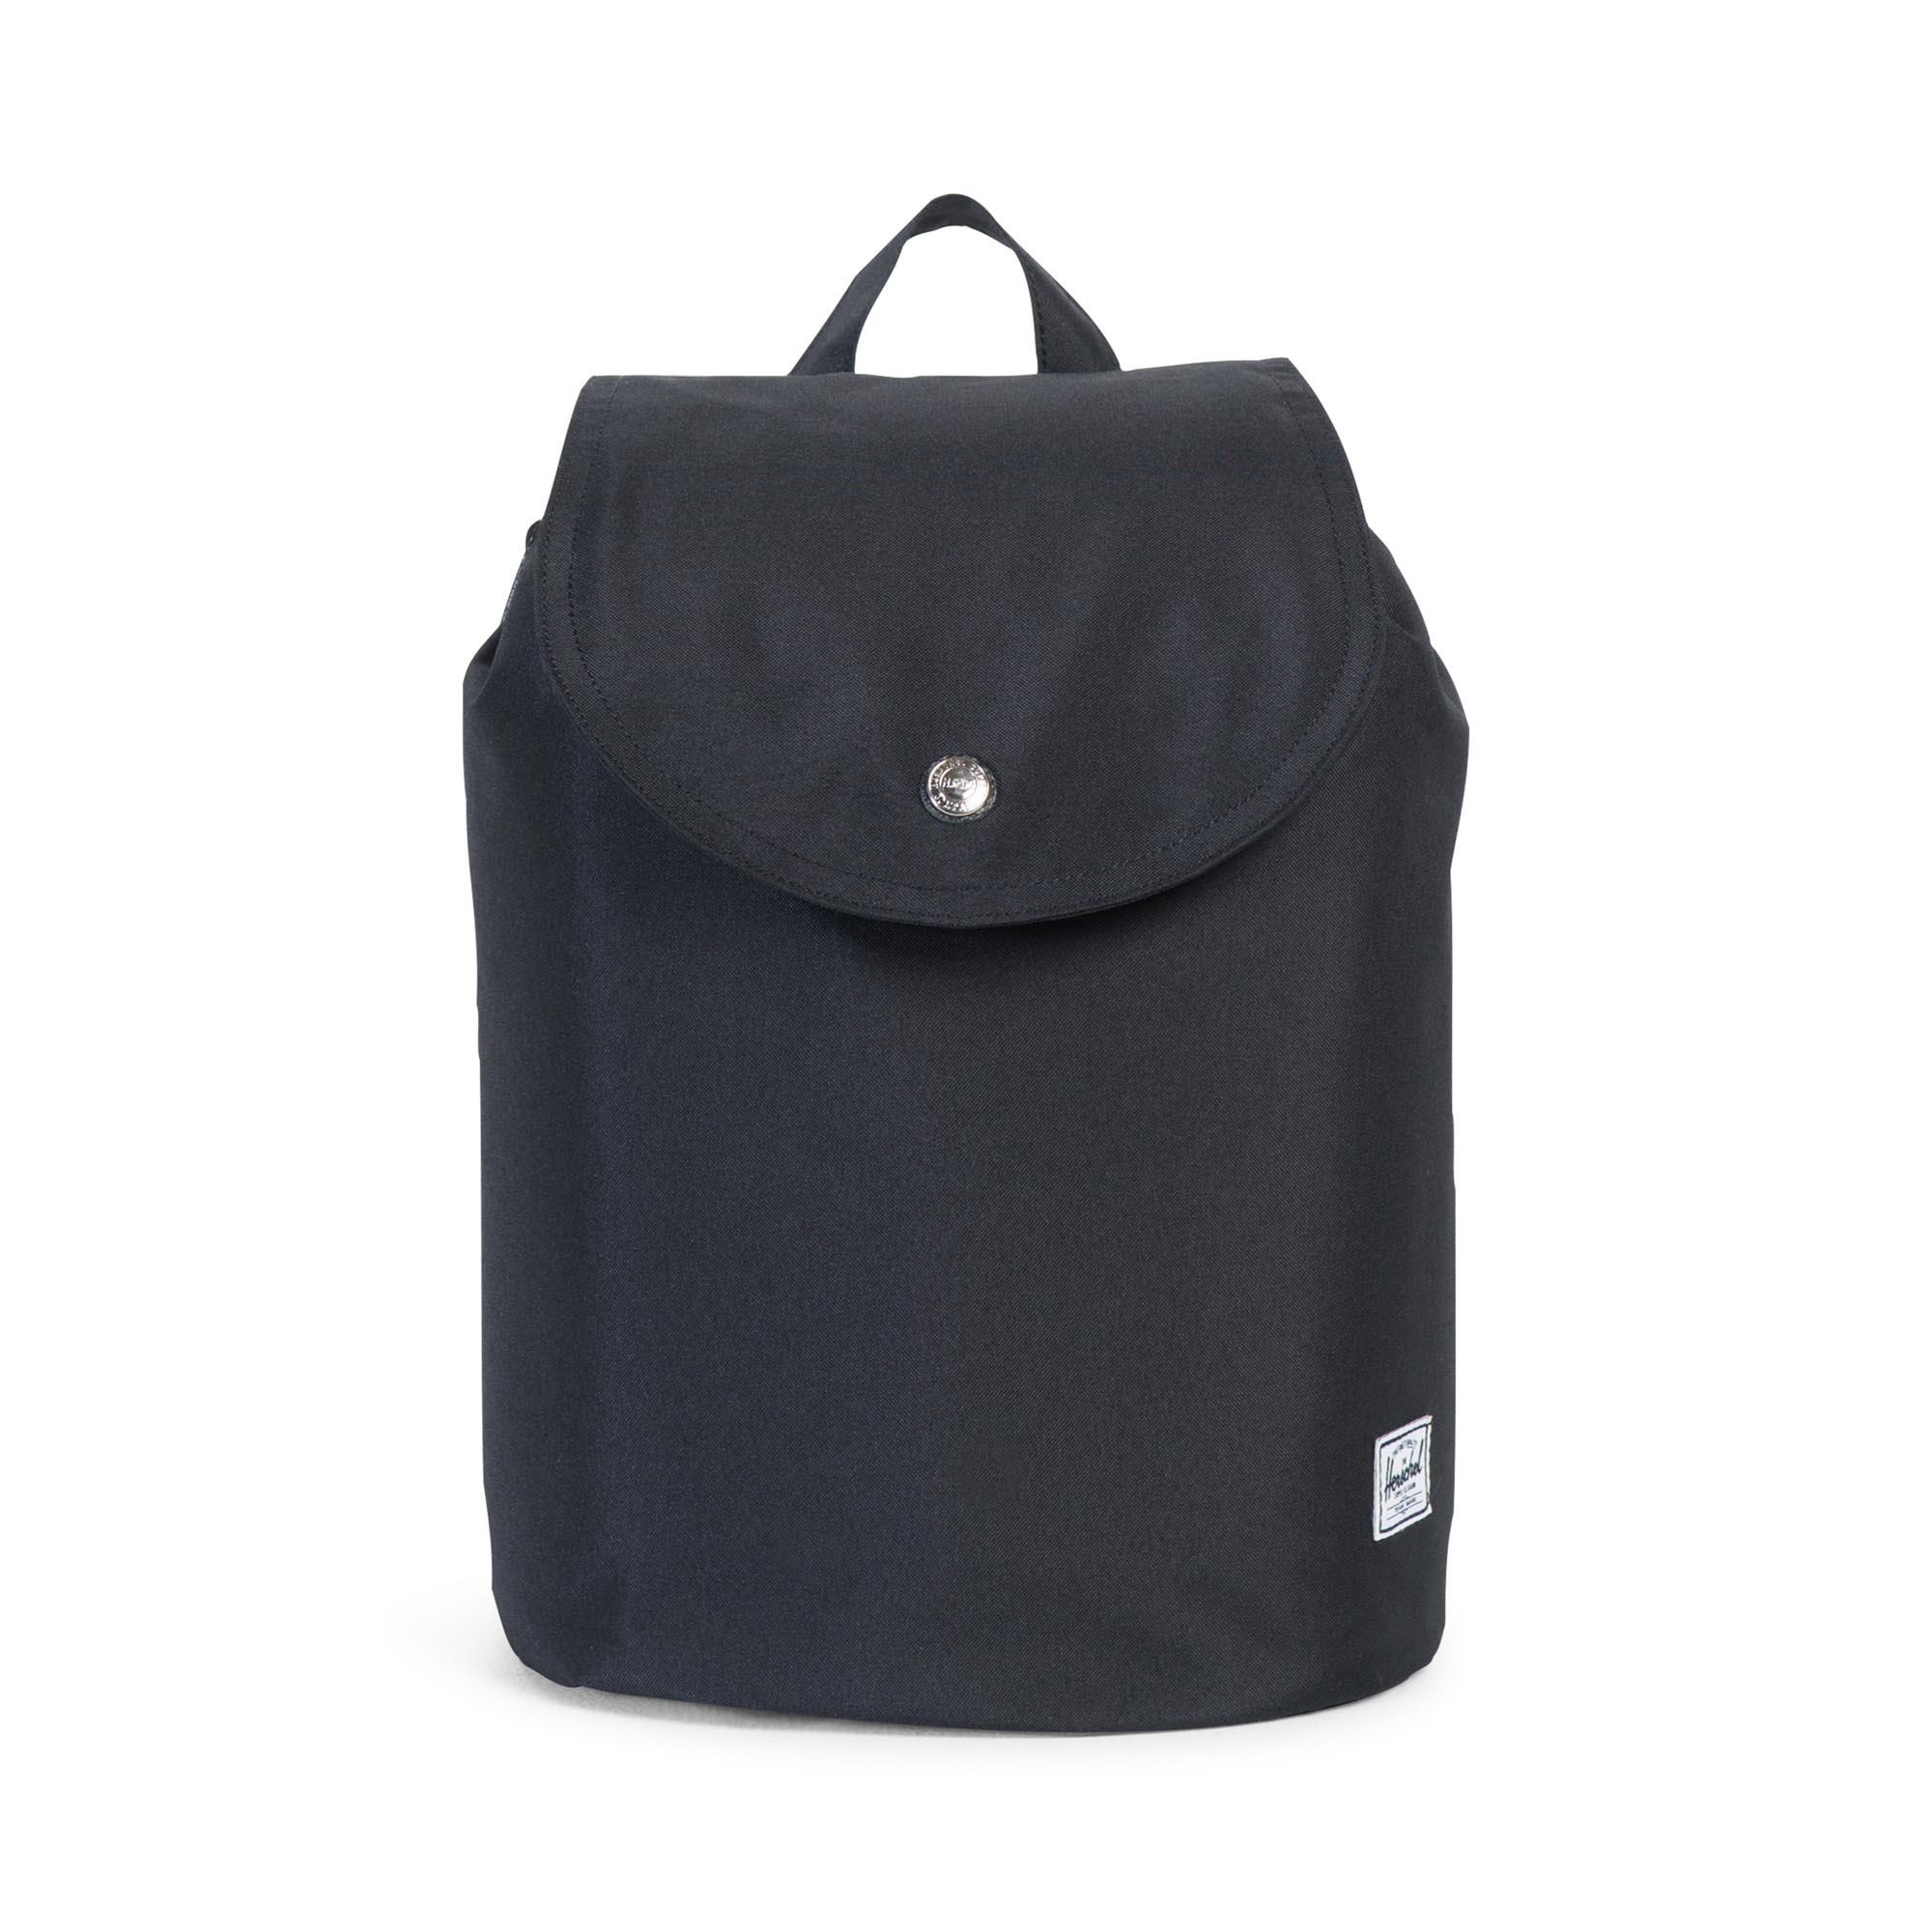 37f5e06371 Reid Backpack XS